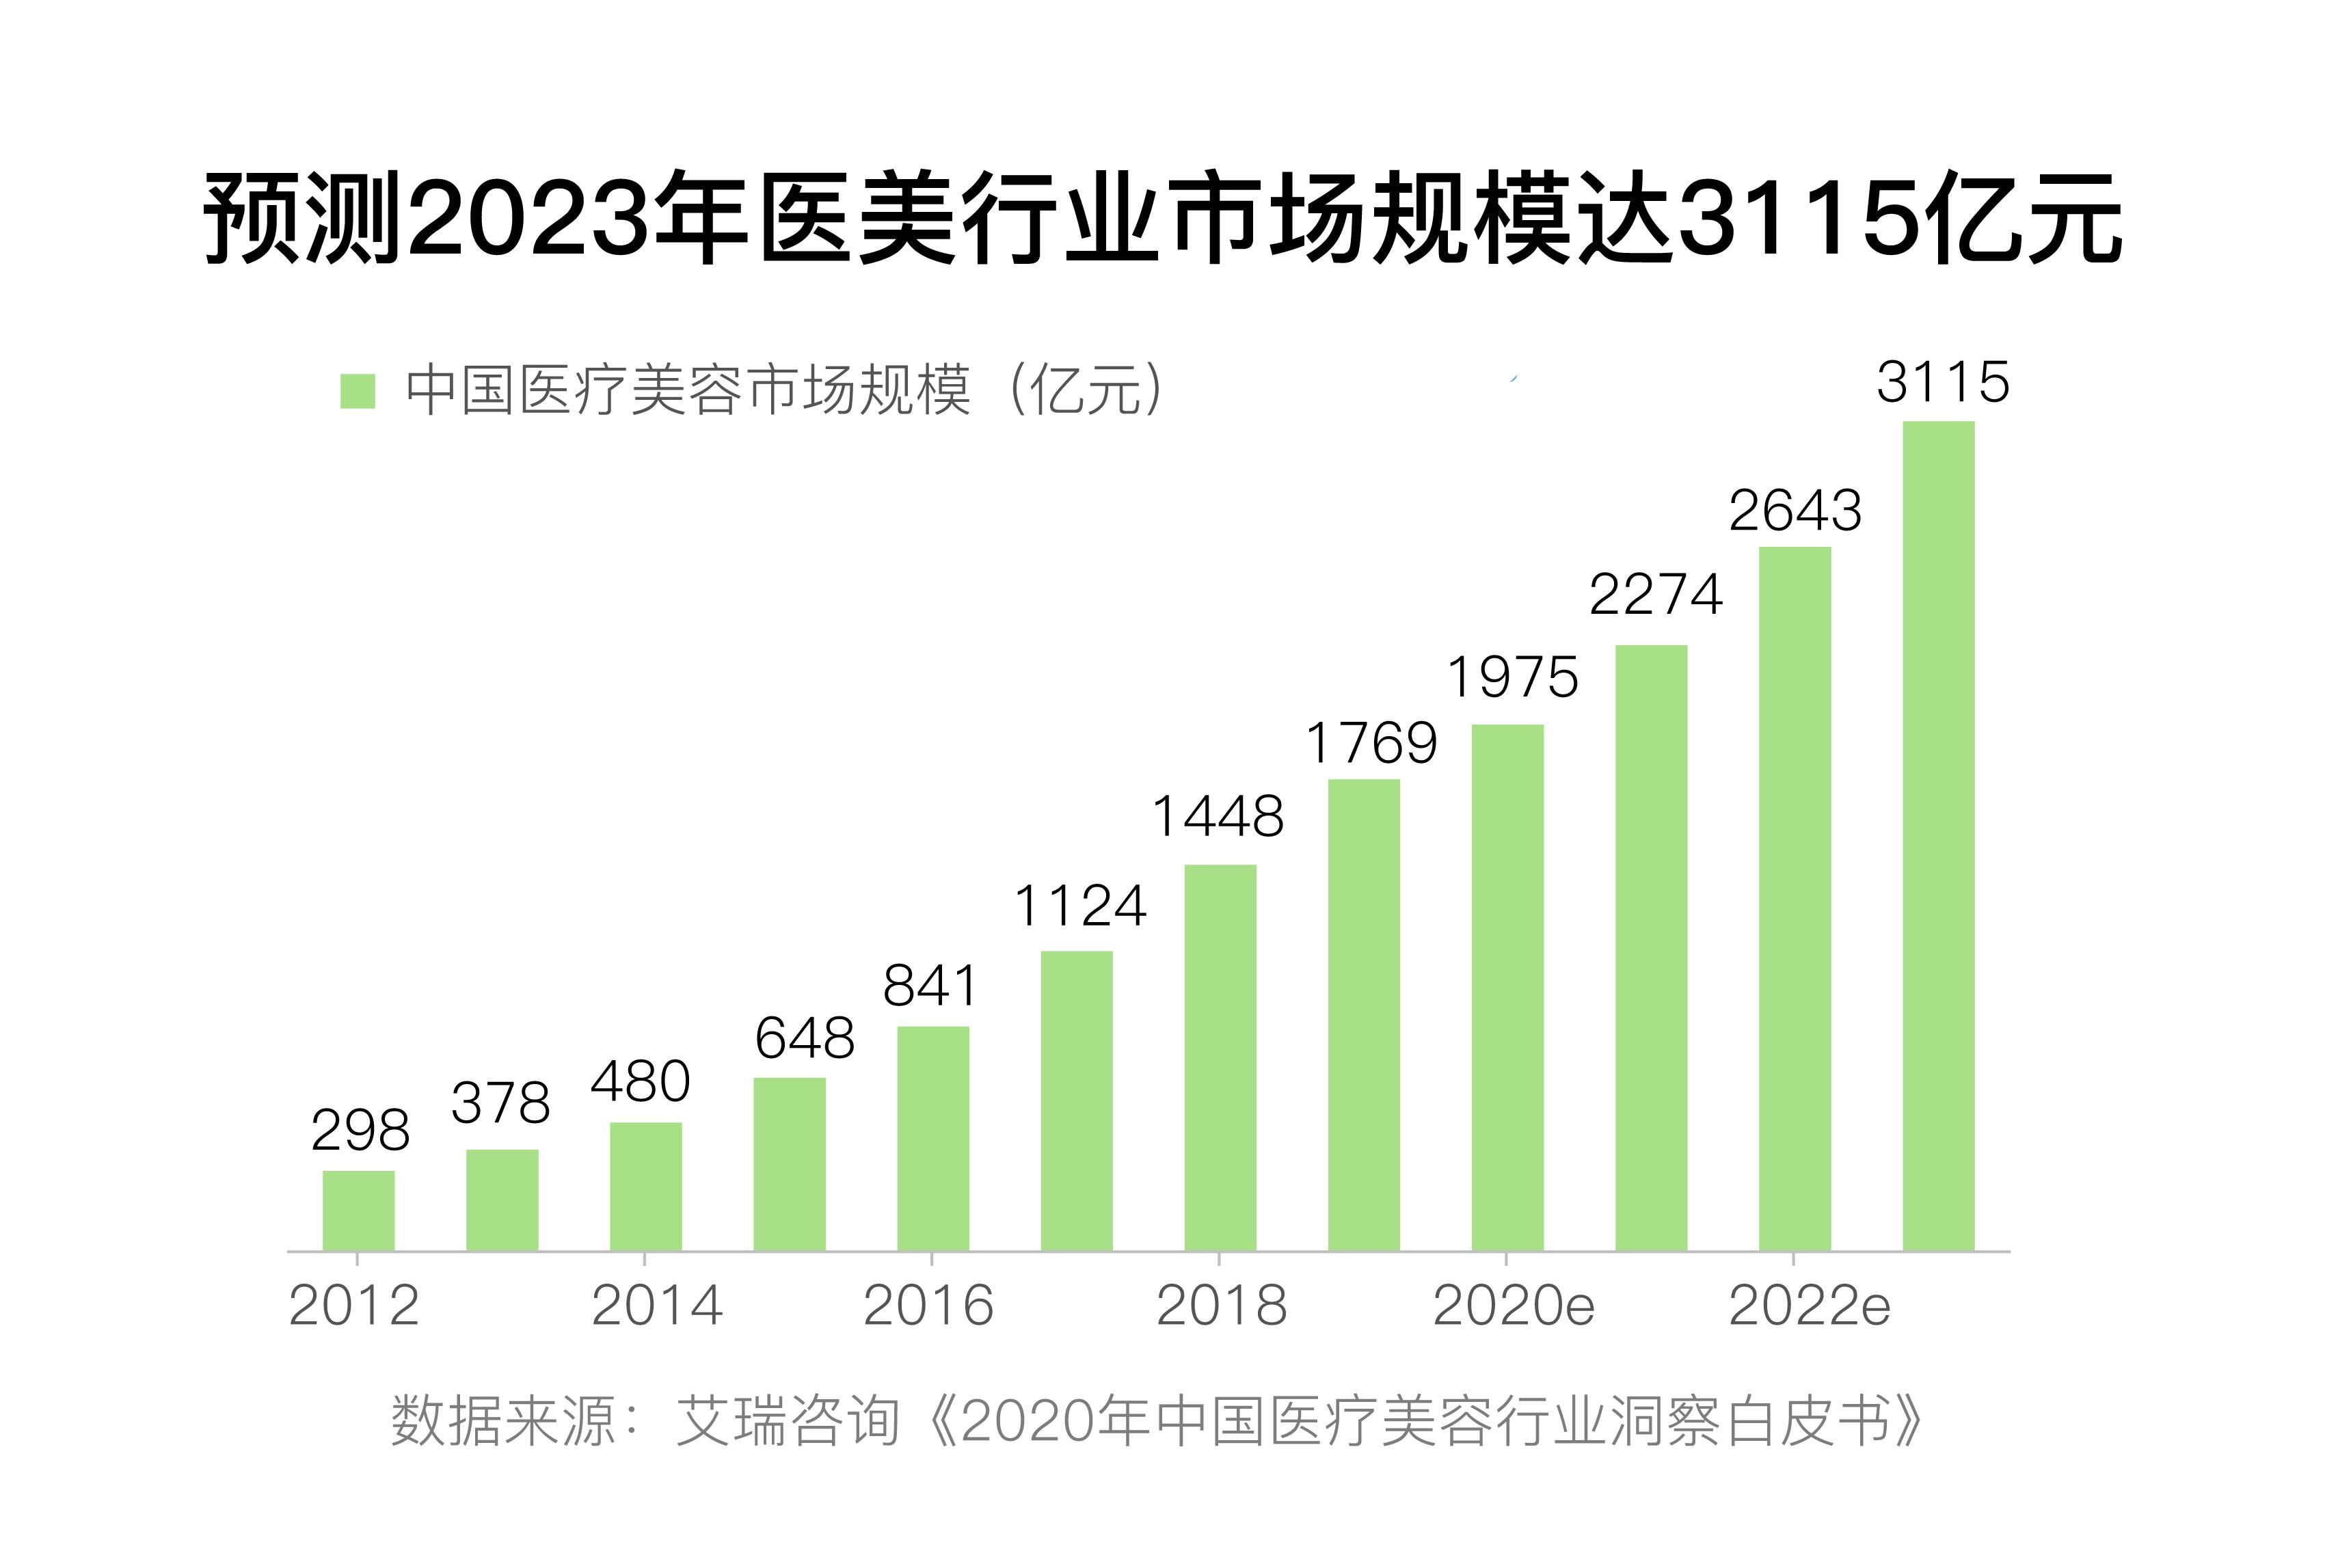 数字说 需求大乱象多 中国医美行业质疑声中野蛮生长